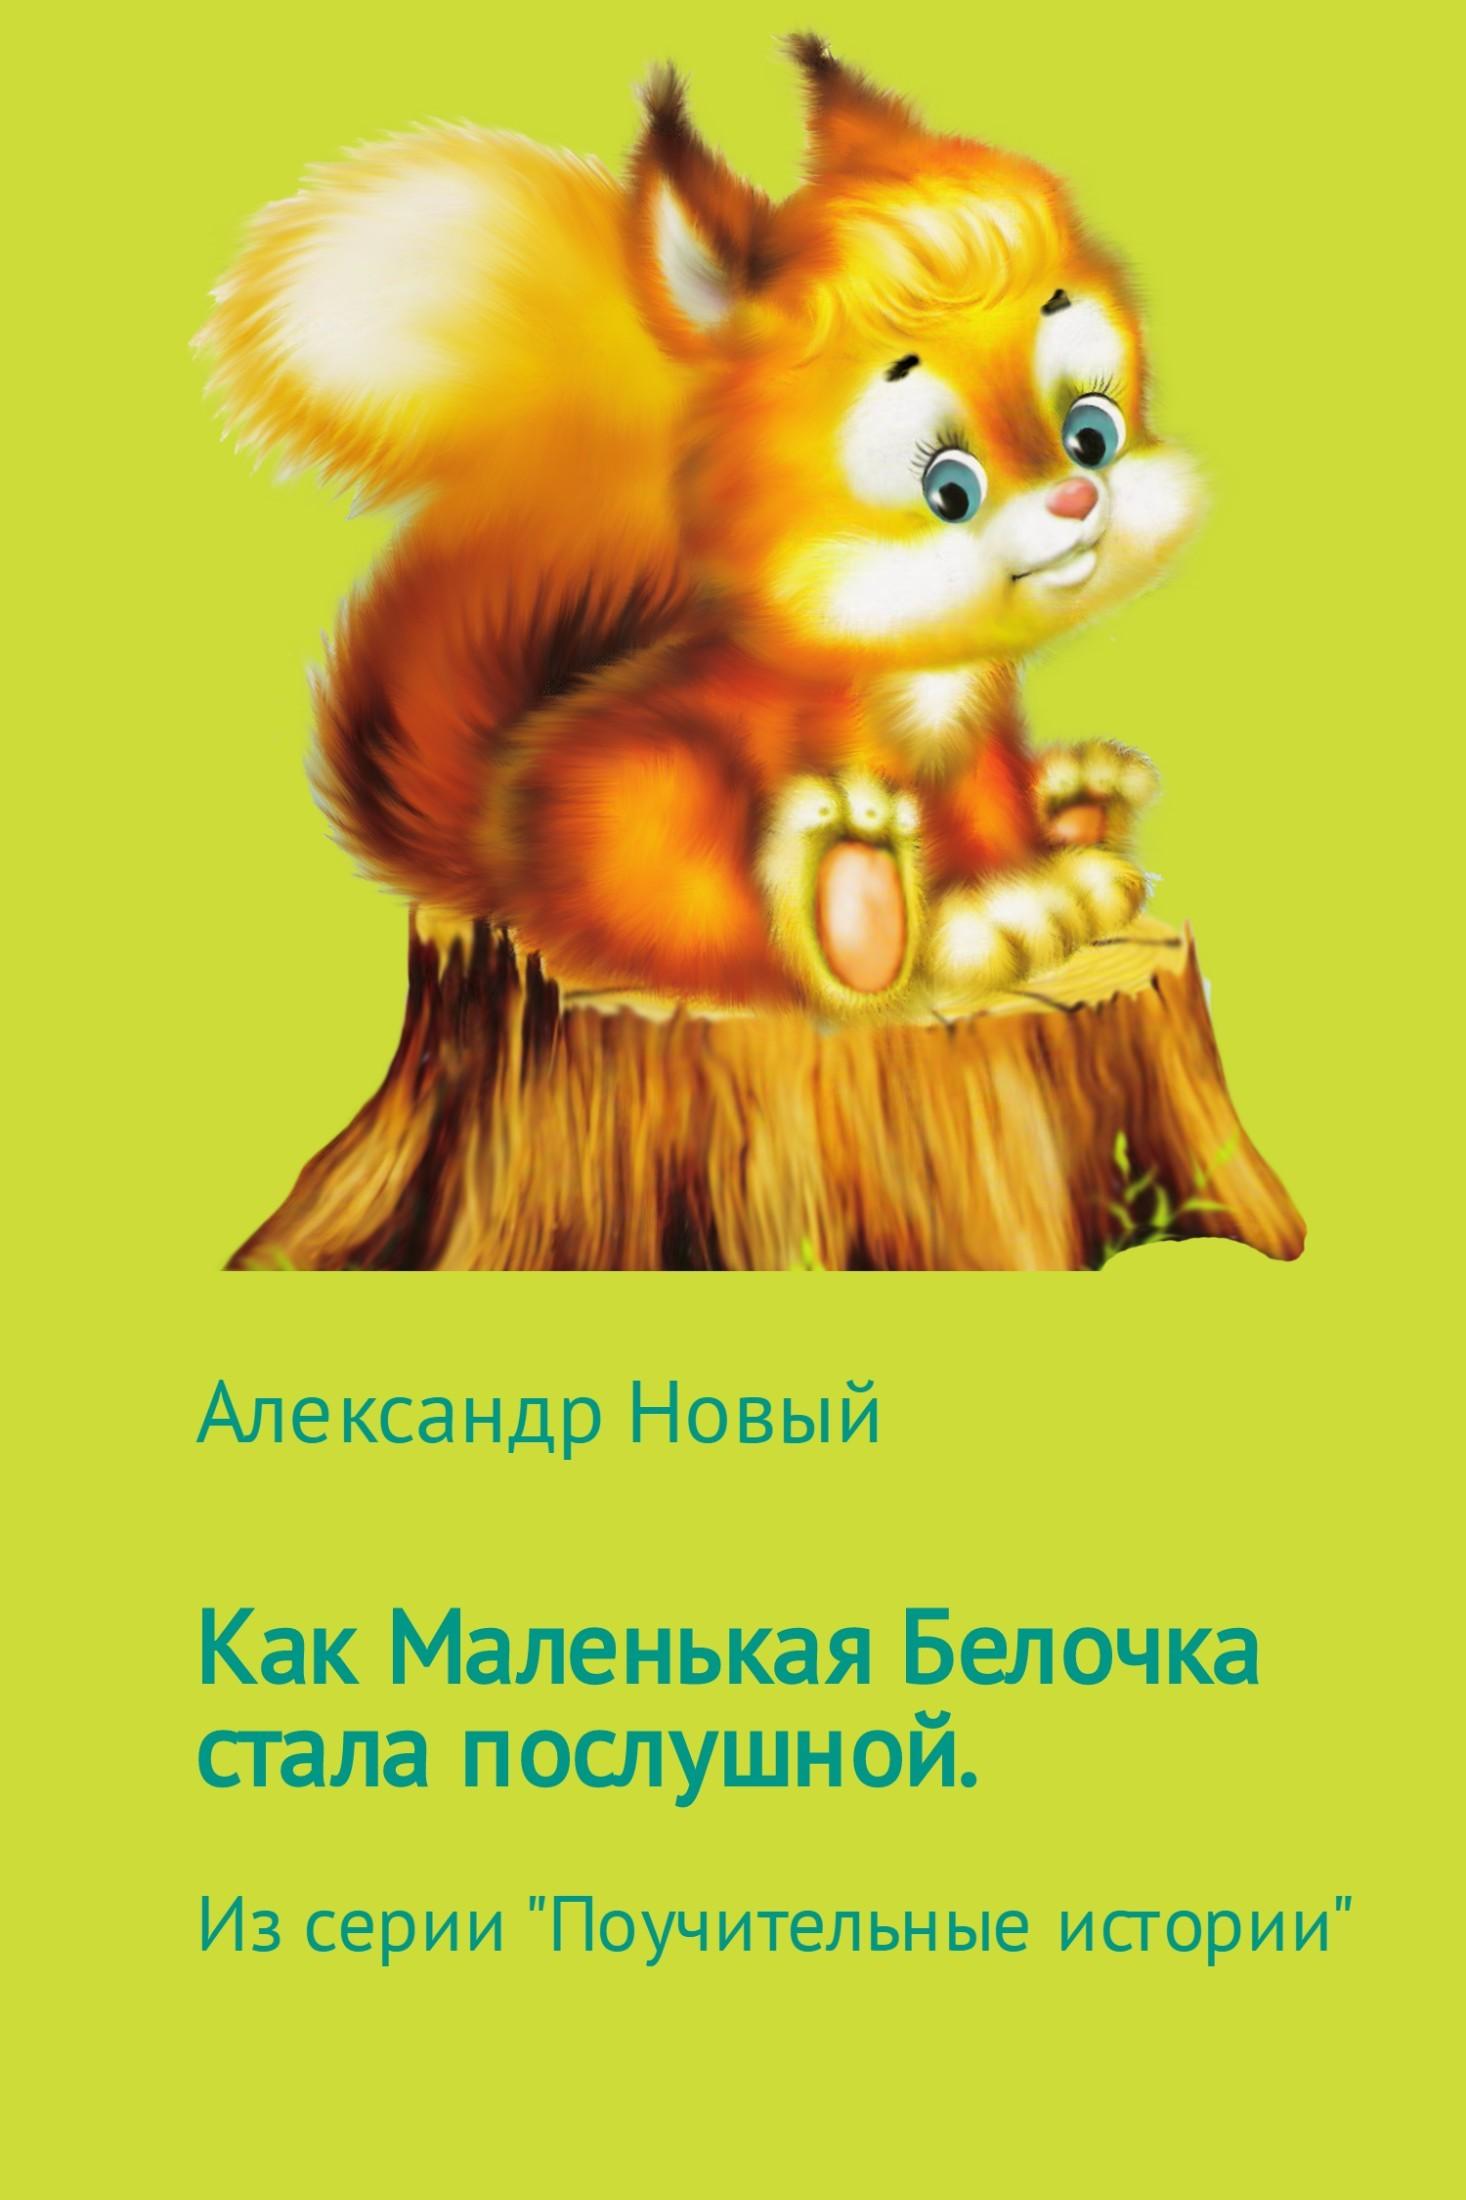 Александр Новый Как Маленькая Белочка стала послушной цены